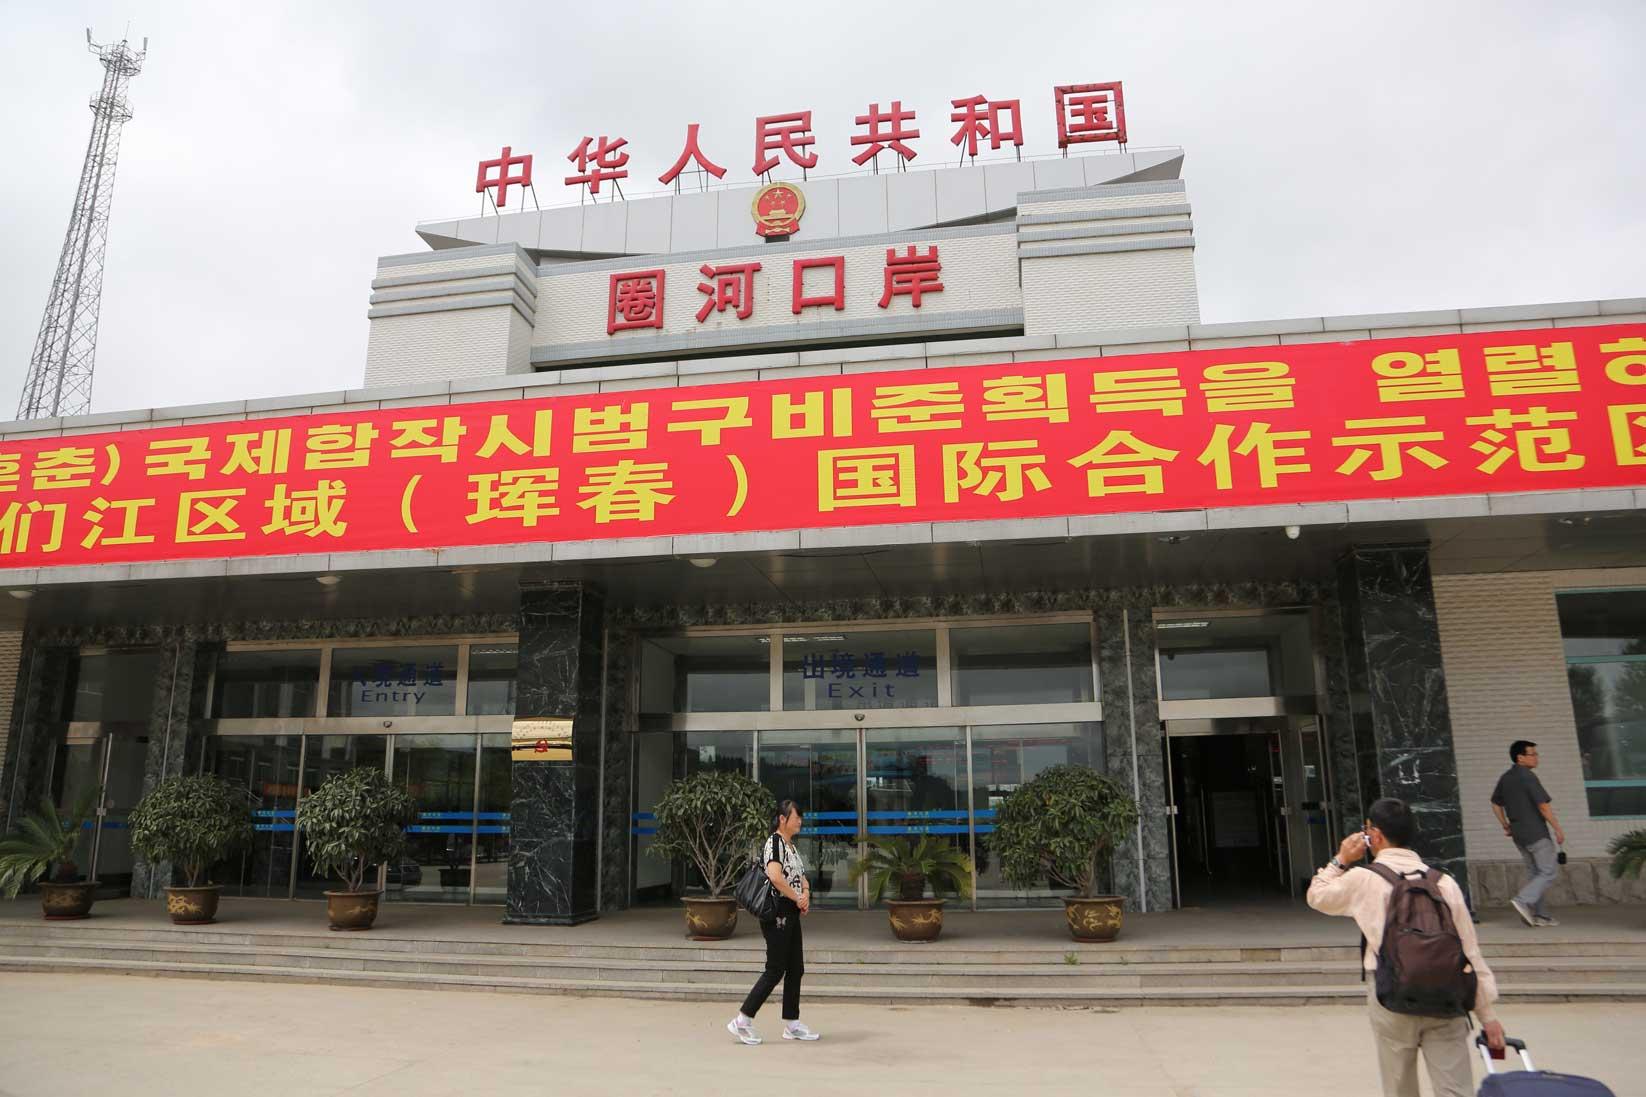 中朝第2の国境、圏河・元汀里は中国車がいっぱい_b0235153_15263798.jpg